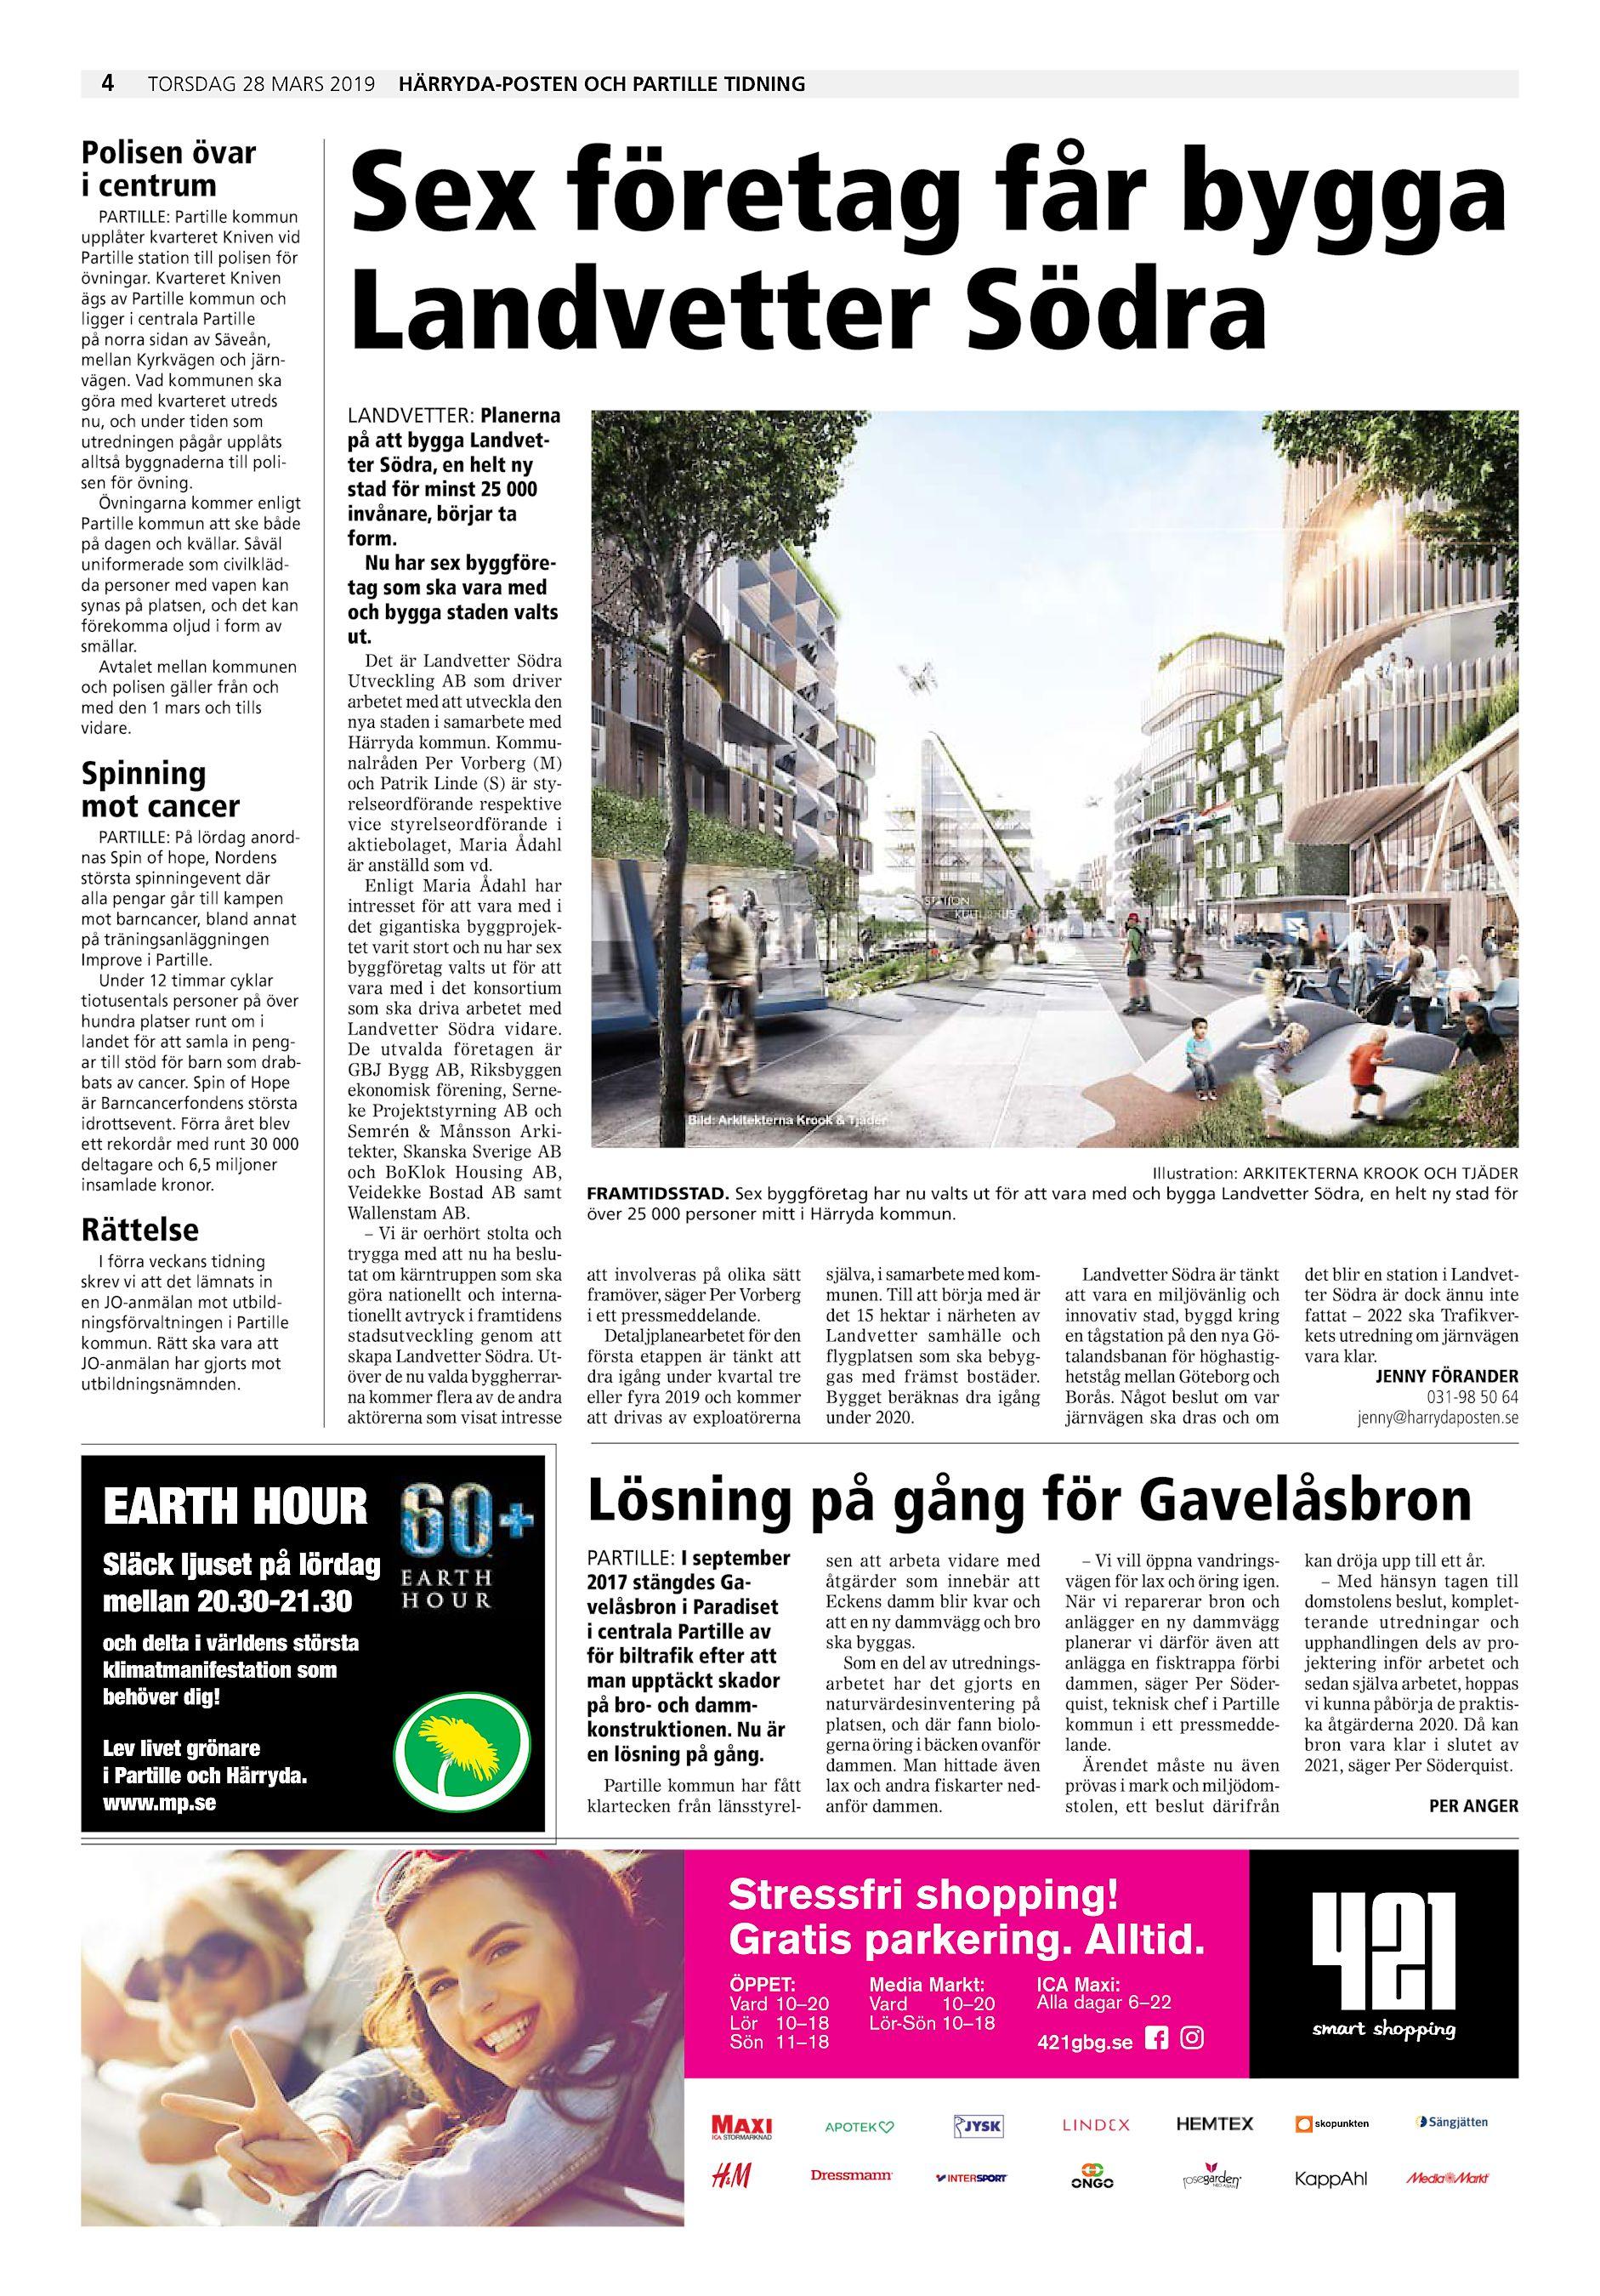 dfccf29a66bd 4 torsdag 28 mars 2019 Polisen övar i centrum PARTILLE: Partille kommun  upplåter kvarteret Kniven vid Partille station till polisen för övningar.